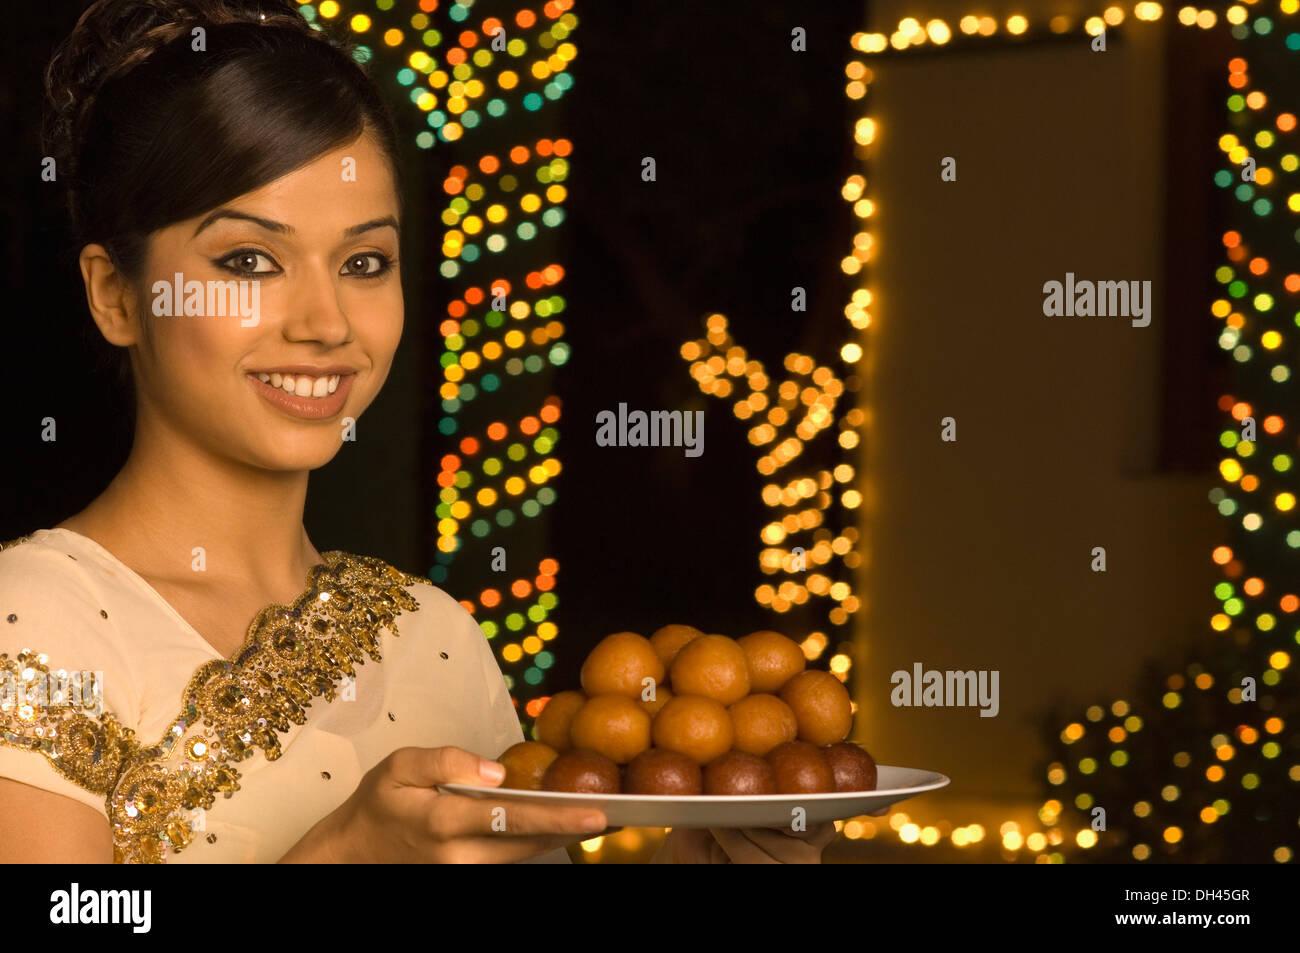 Mujer sosteniendo dulces en una placa y sonriente Foto de stock